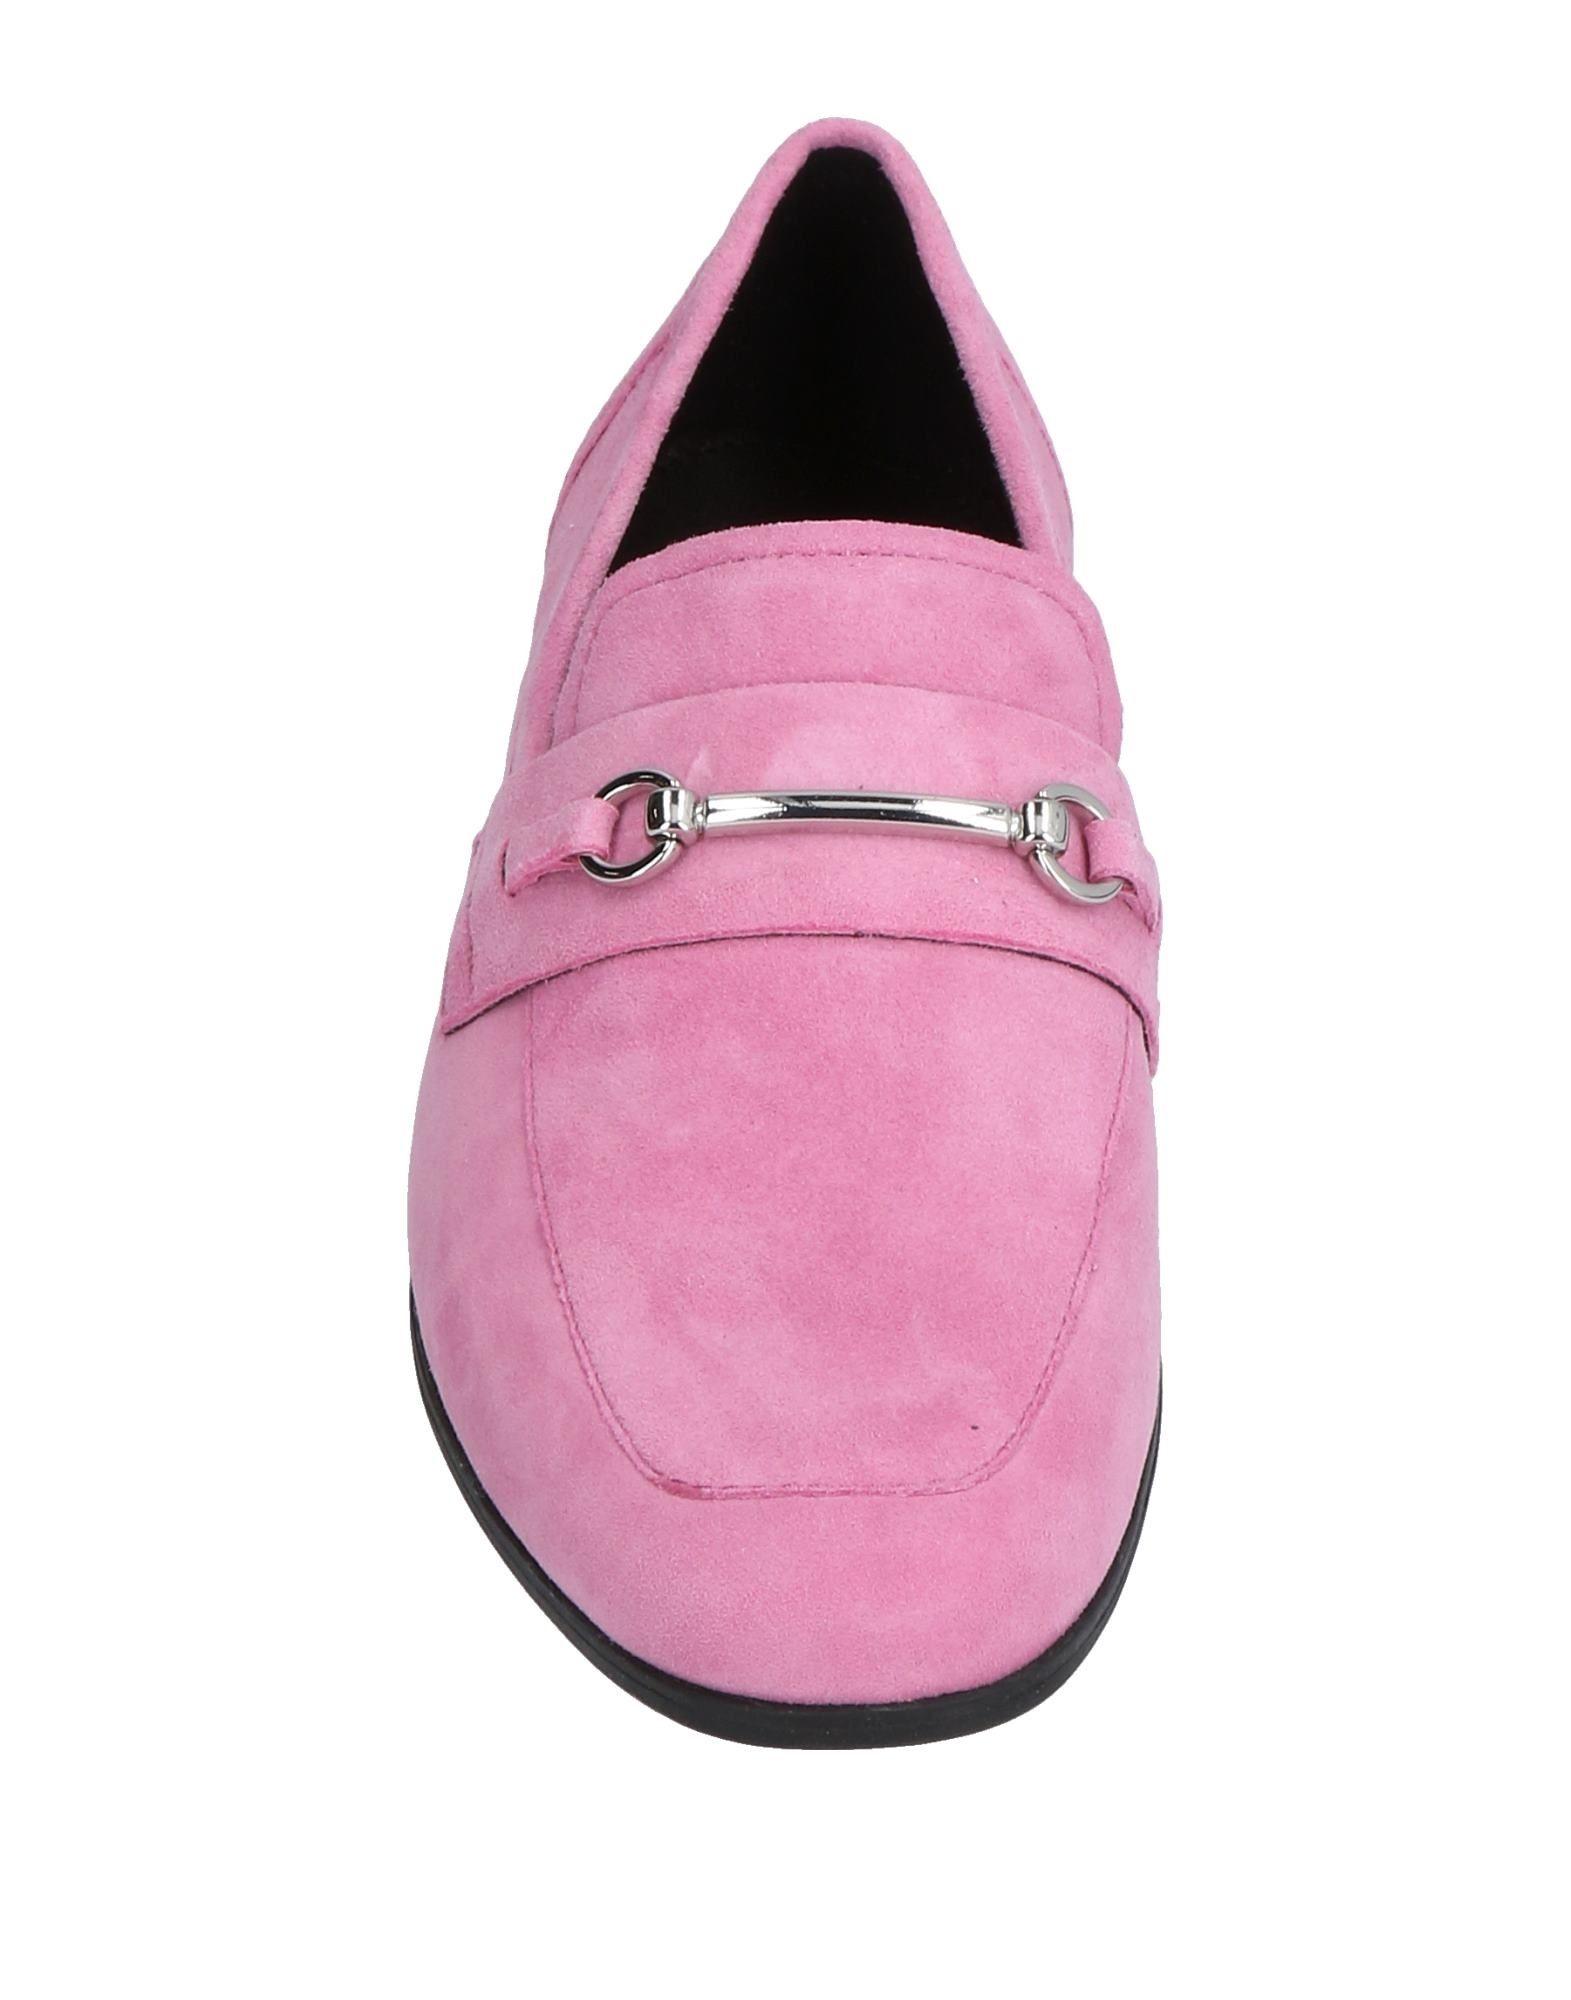 Vagabond Shoemakers Qualität Mokassins Damen  11448266AI Gute Qualität Shoemakers beliebte Schuhe 380b8b